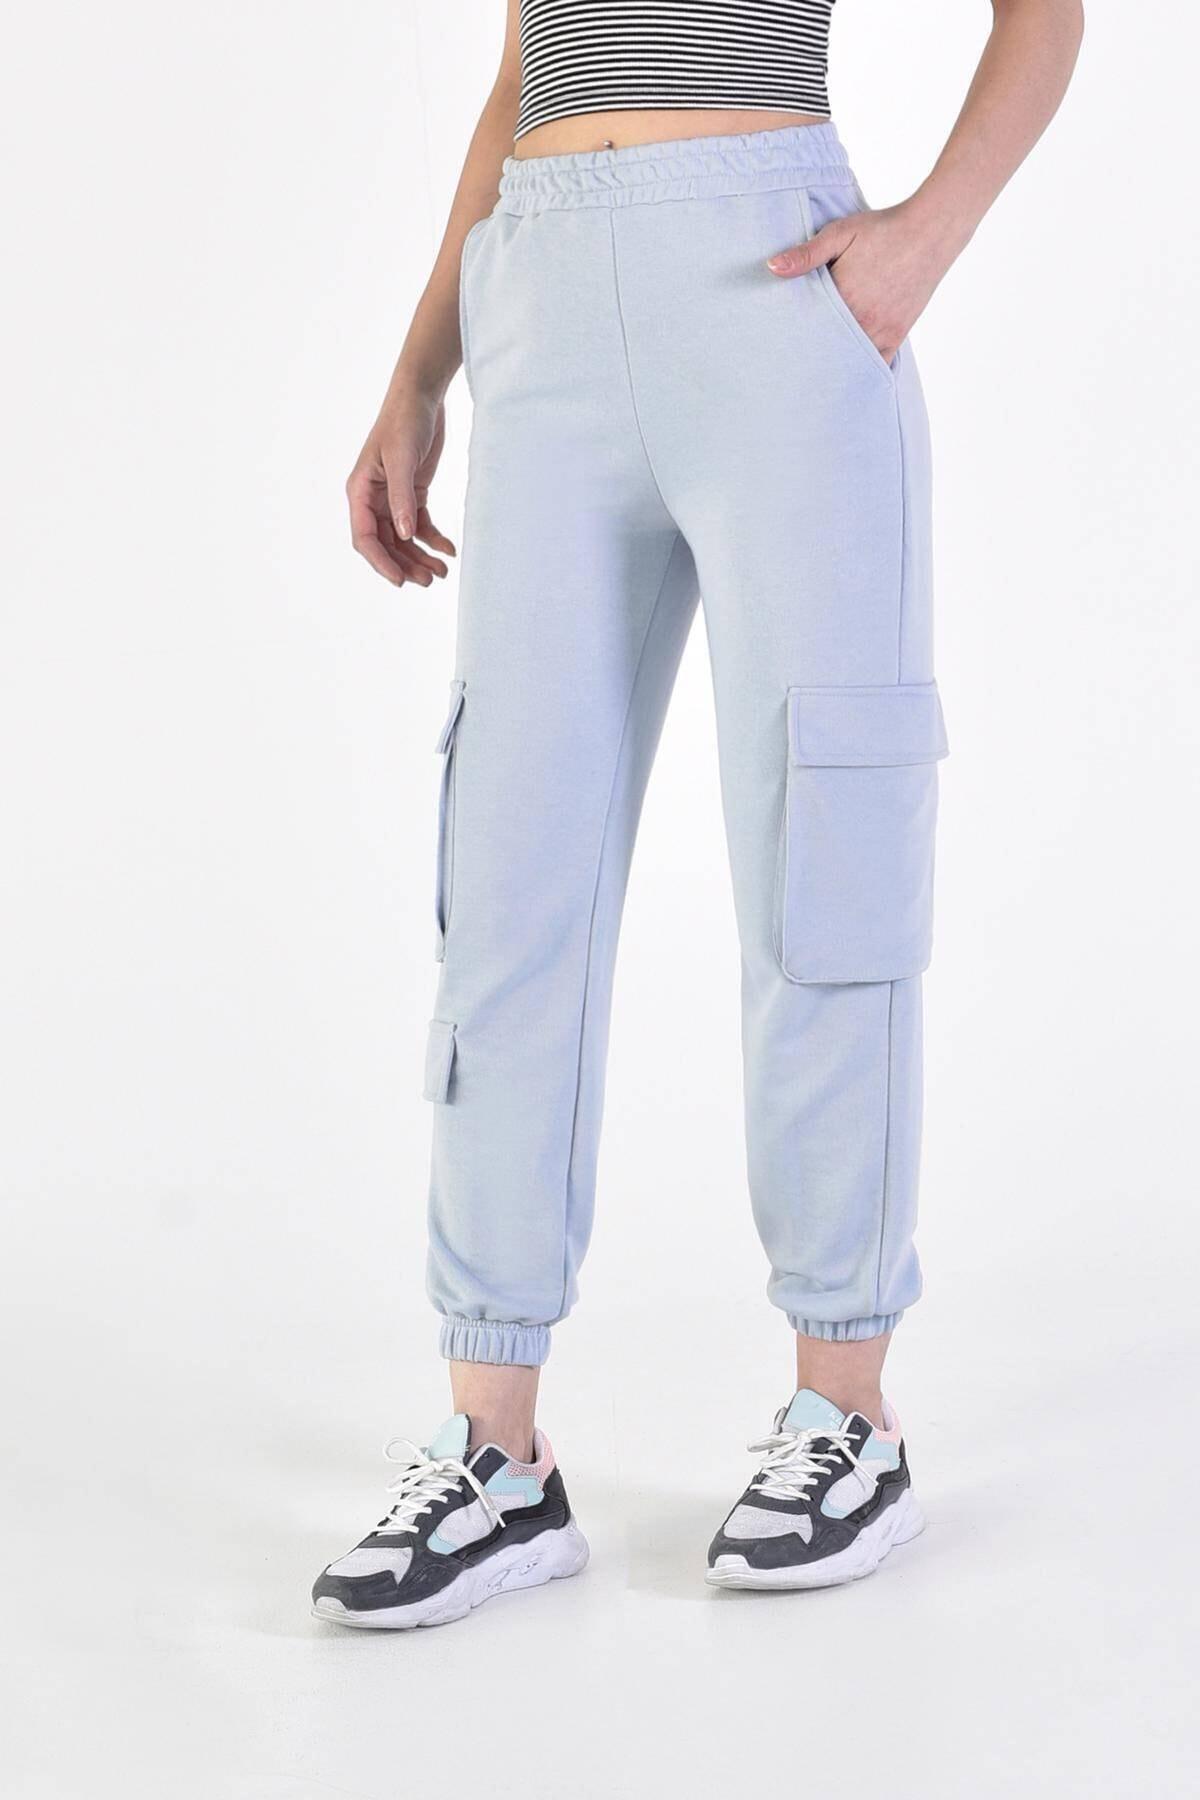 Addax Kadın Açık Mavi Cep Detaylı Eşofman Eşf0836 - U10 - U11 1